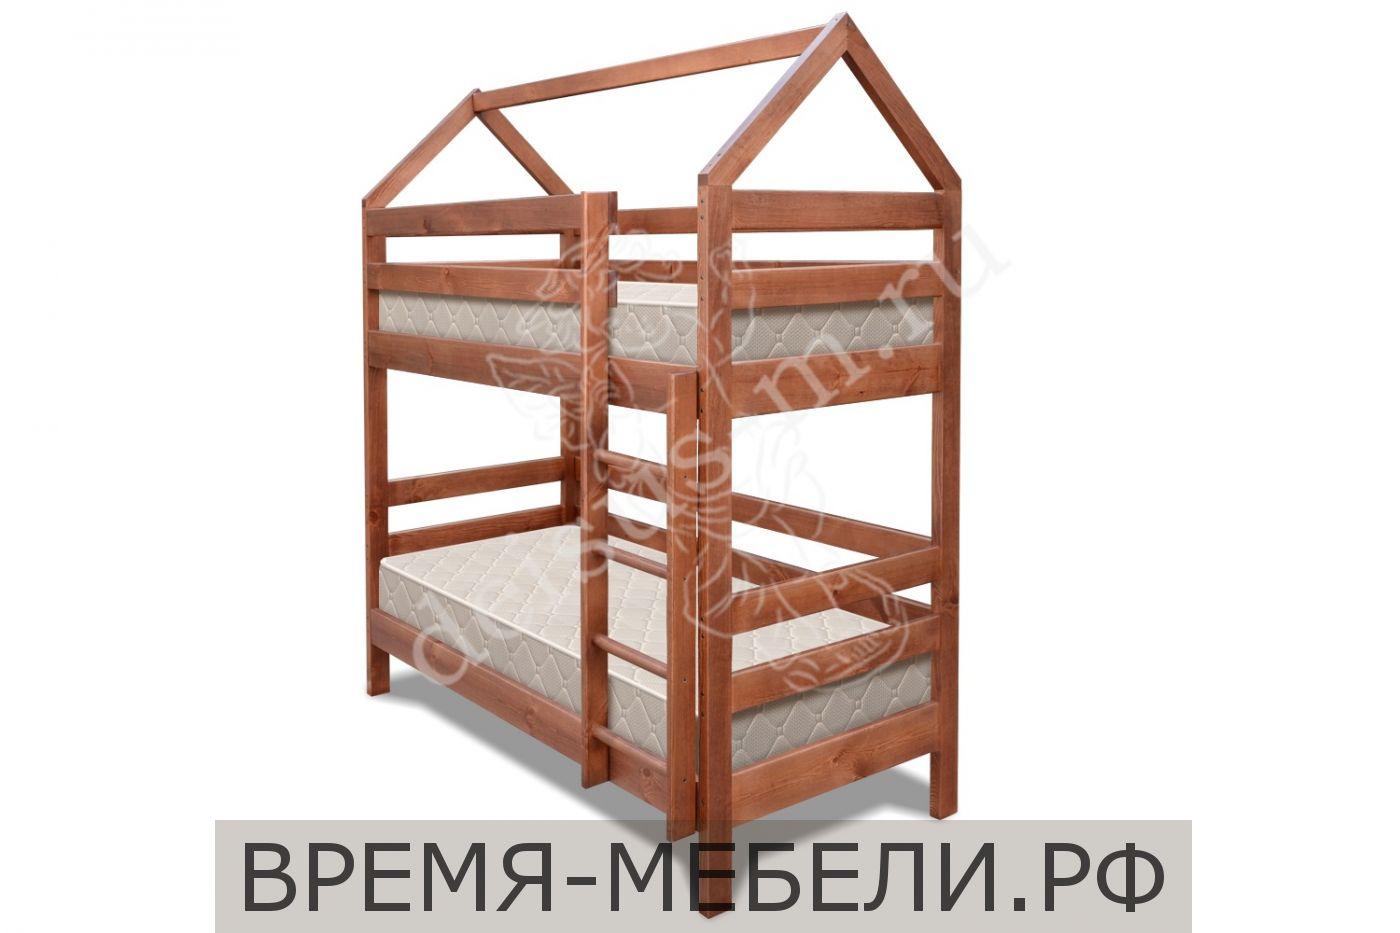 Кровать Домик-М двухъярусная